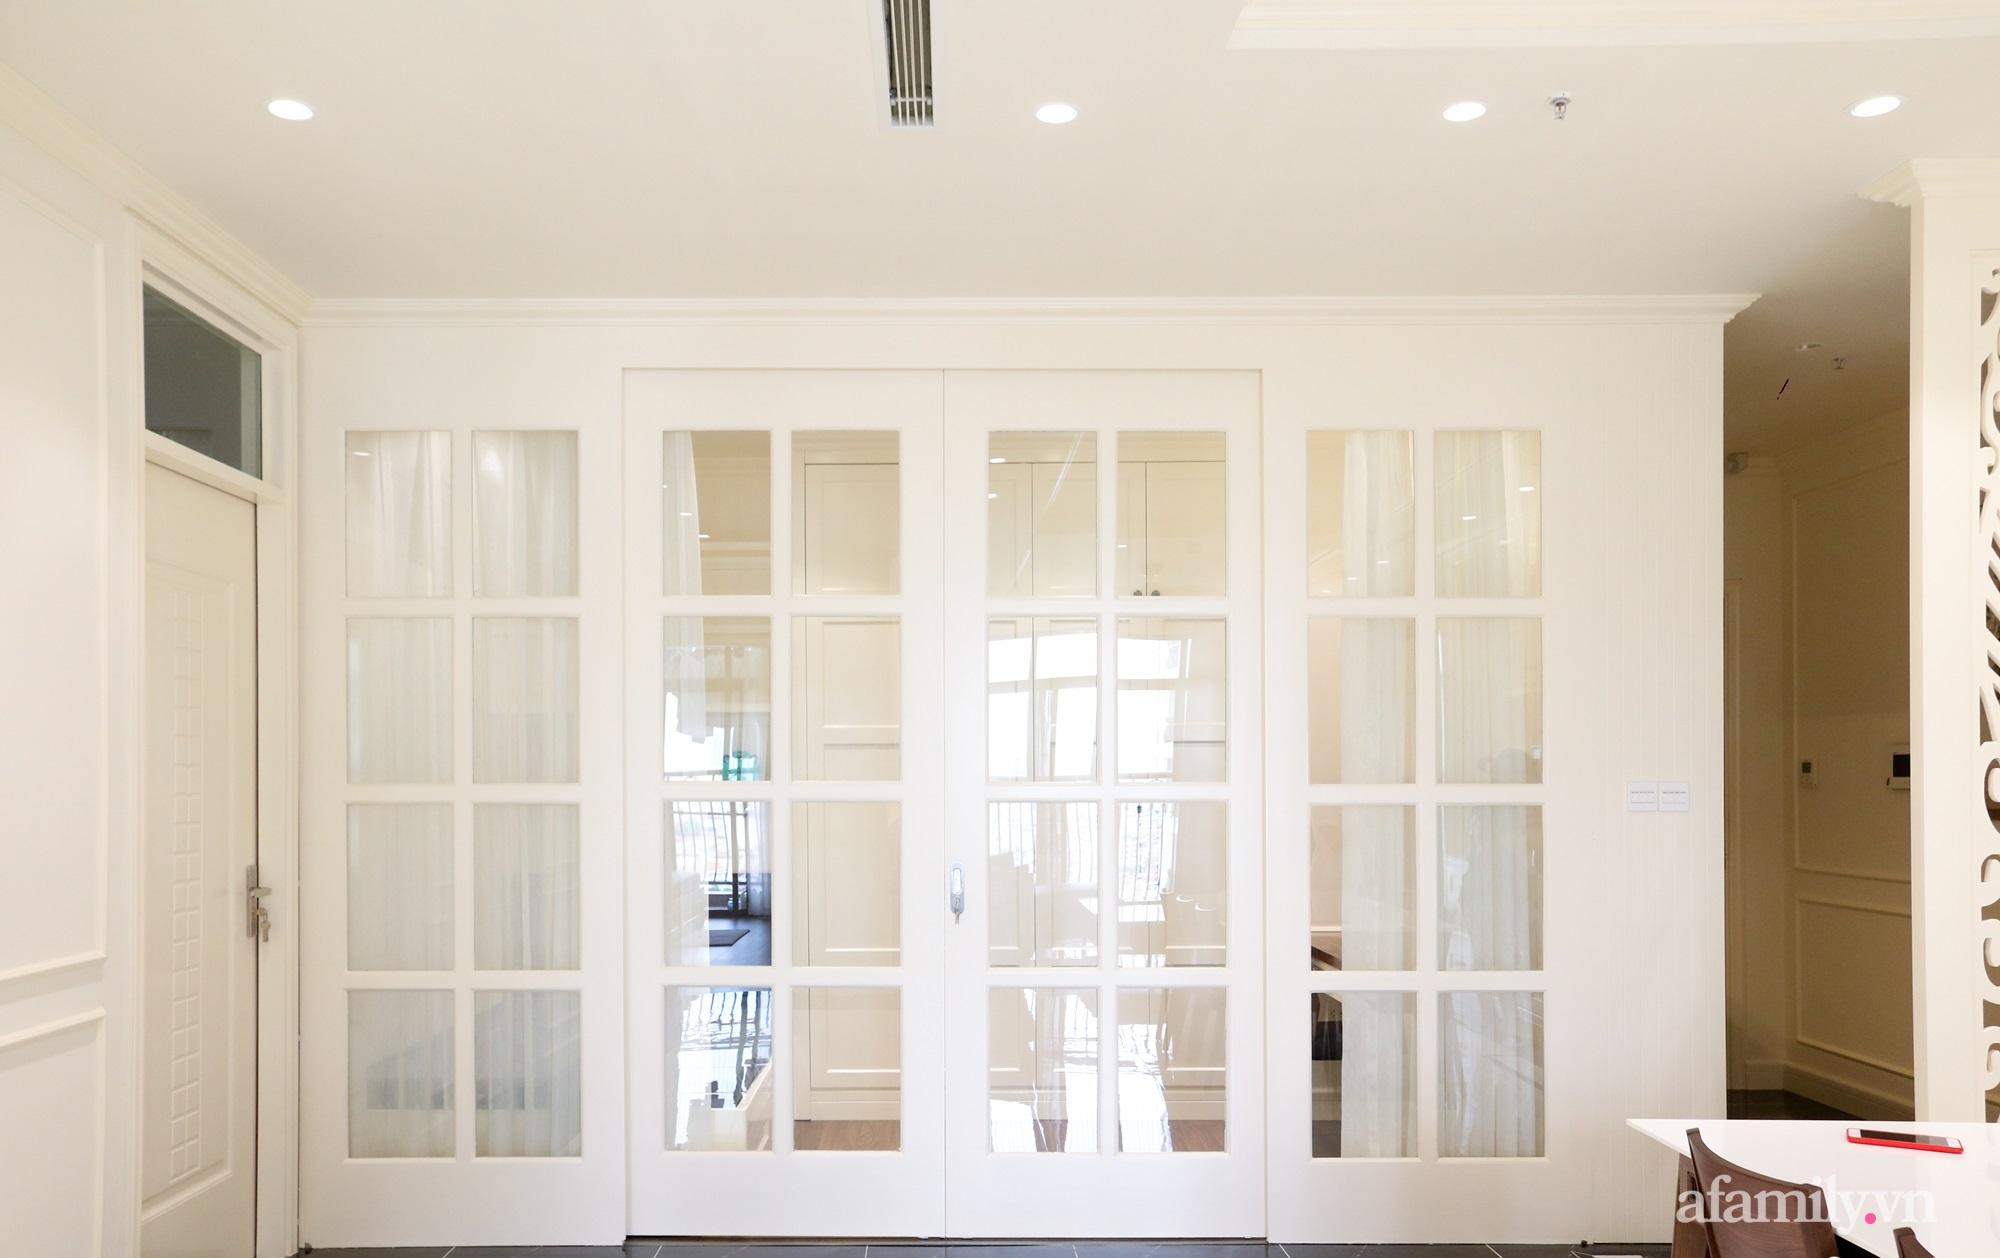 Căn hộ 121m² đẹp sang chảnh với phong cách bán cổ điển ở Hà Nội - Ảnh 11.